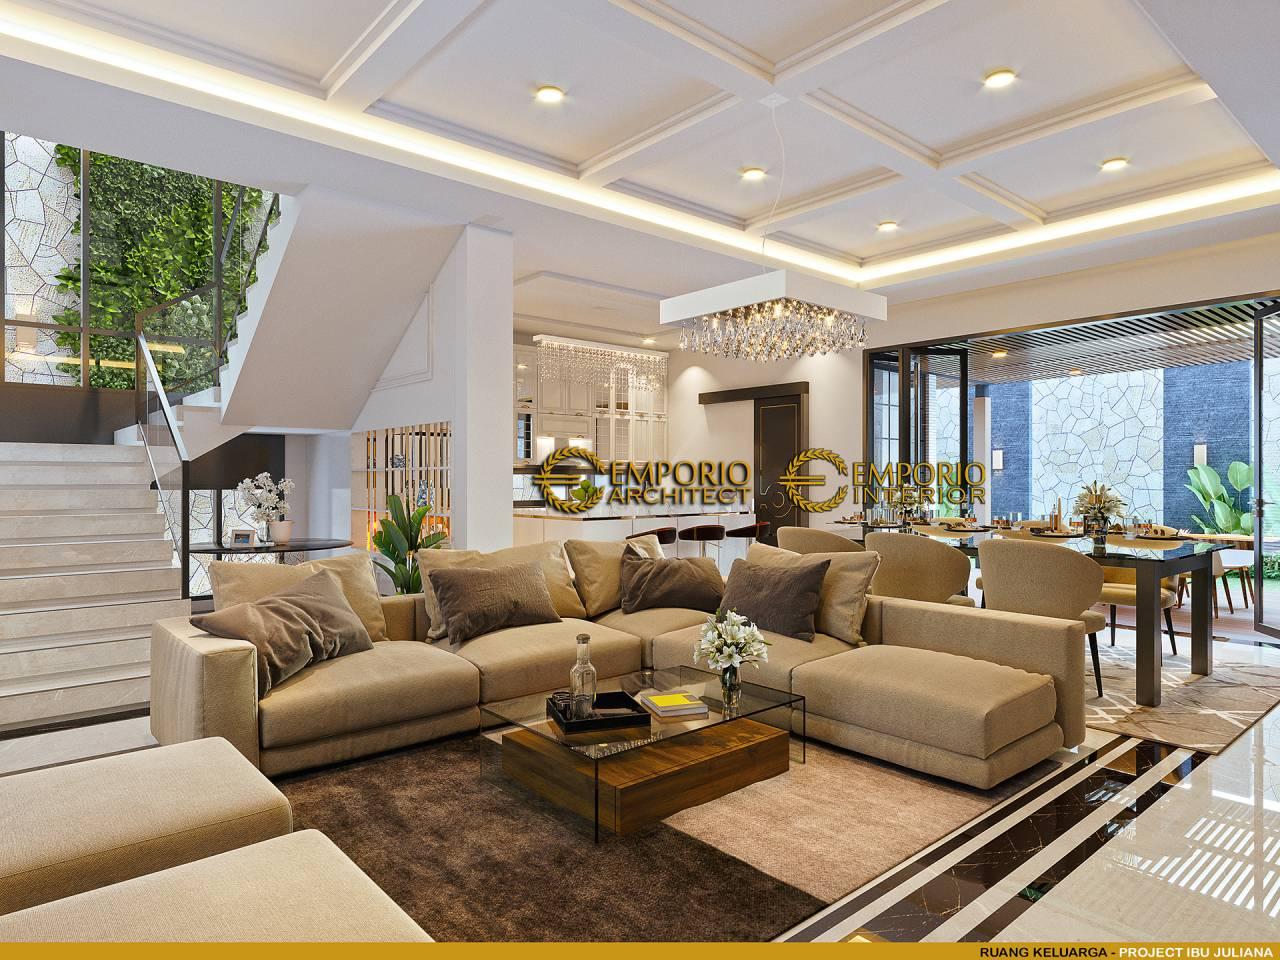 Ruang duduk yang lega dan estetik